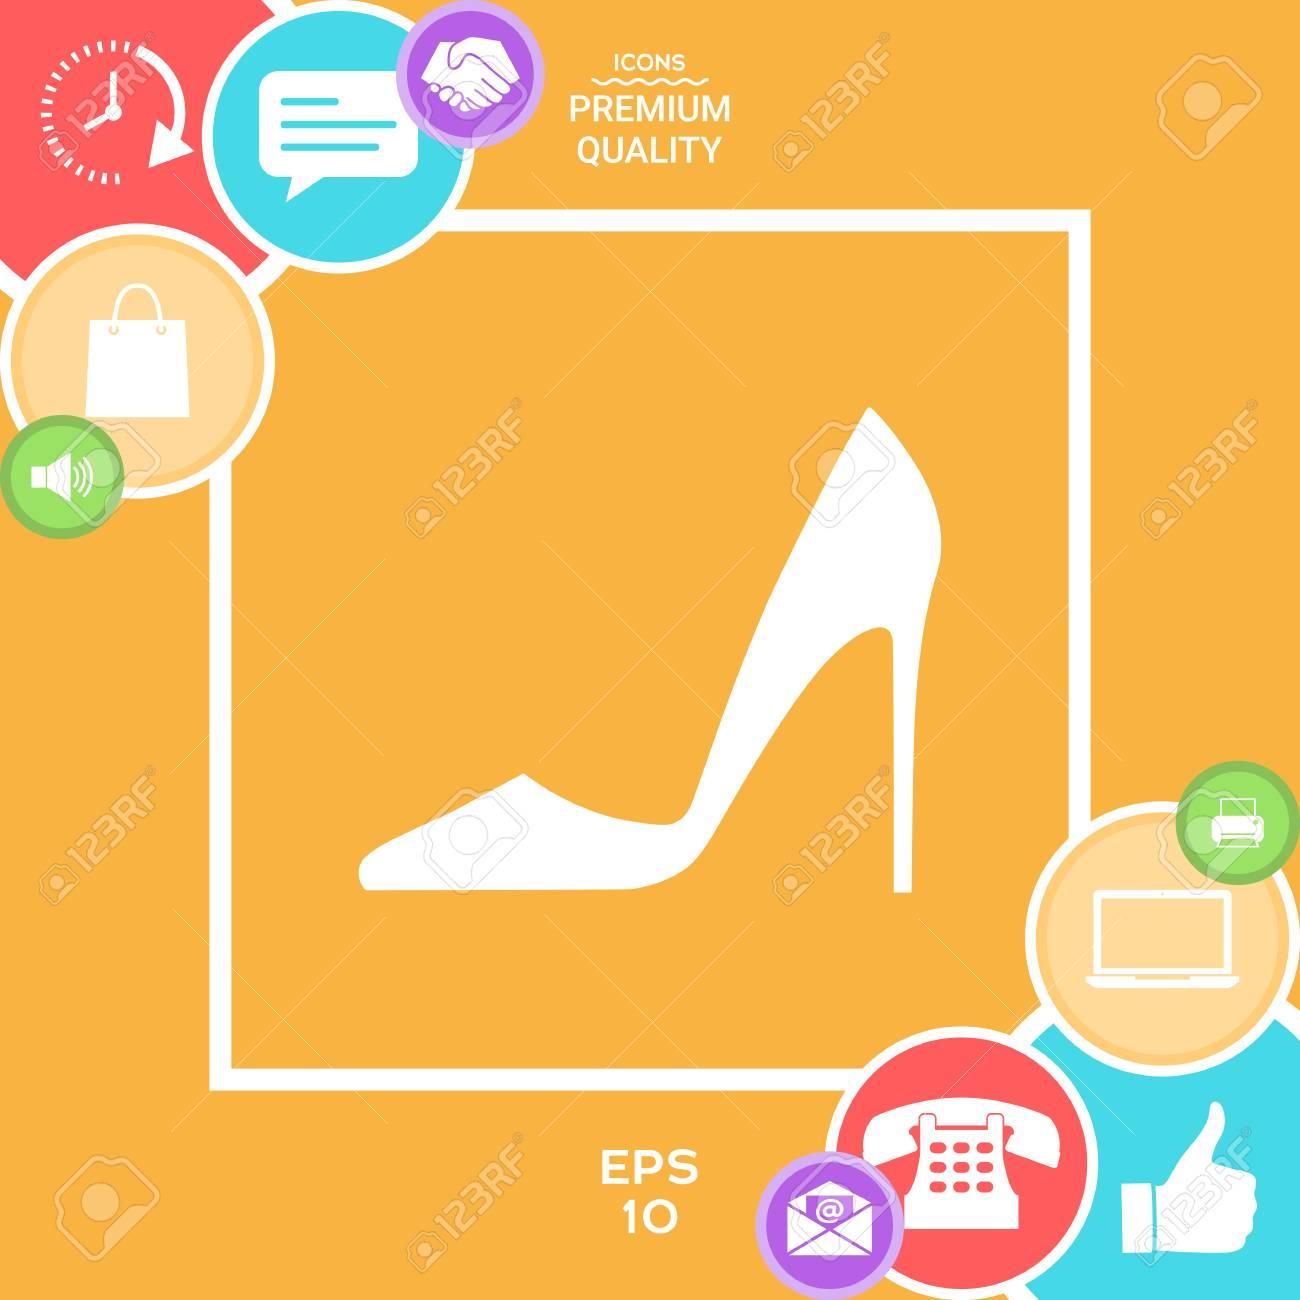 エレガントなレディース靴。Web デザインのメニュー項目